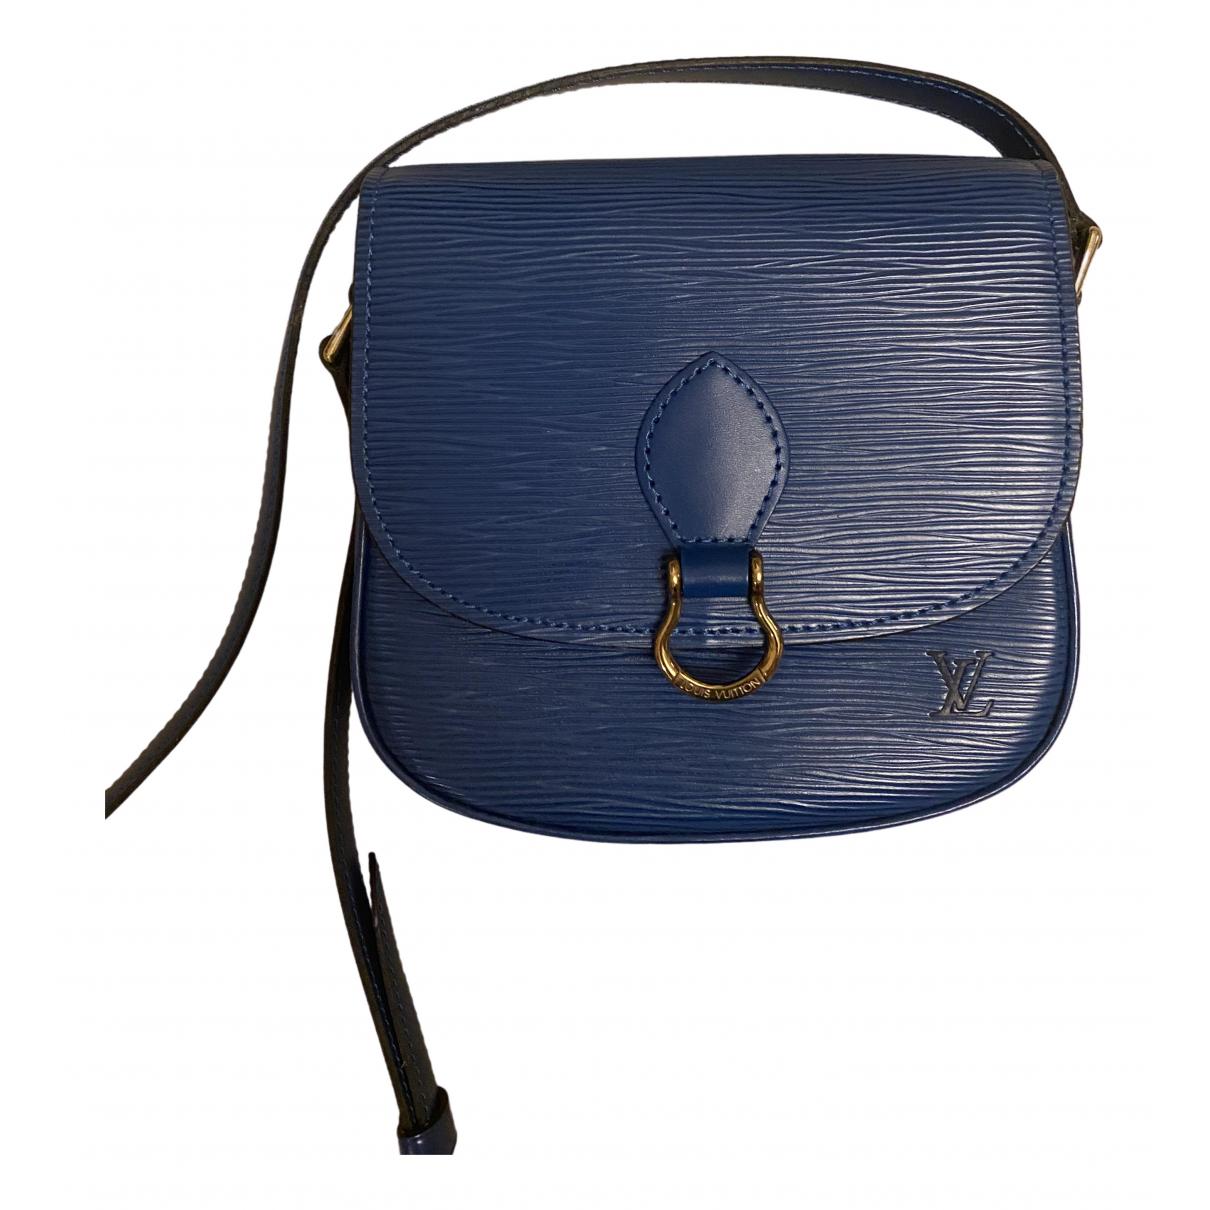 Louis Vuitton - Sac a main Saint Cloud vintage pour femme en cuir - bleu